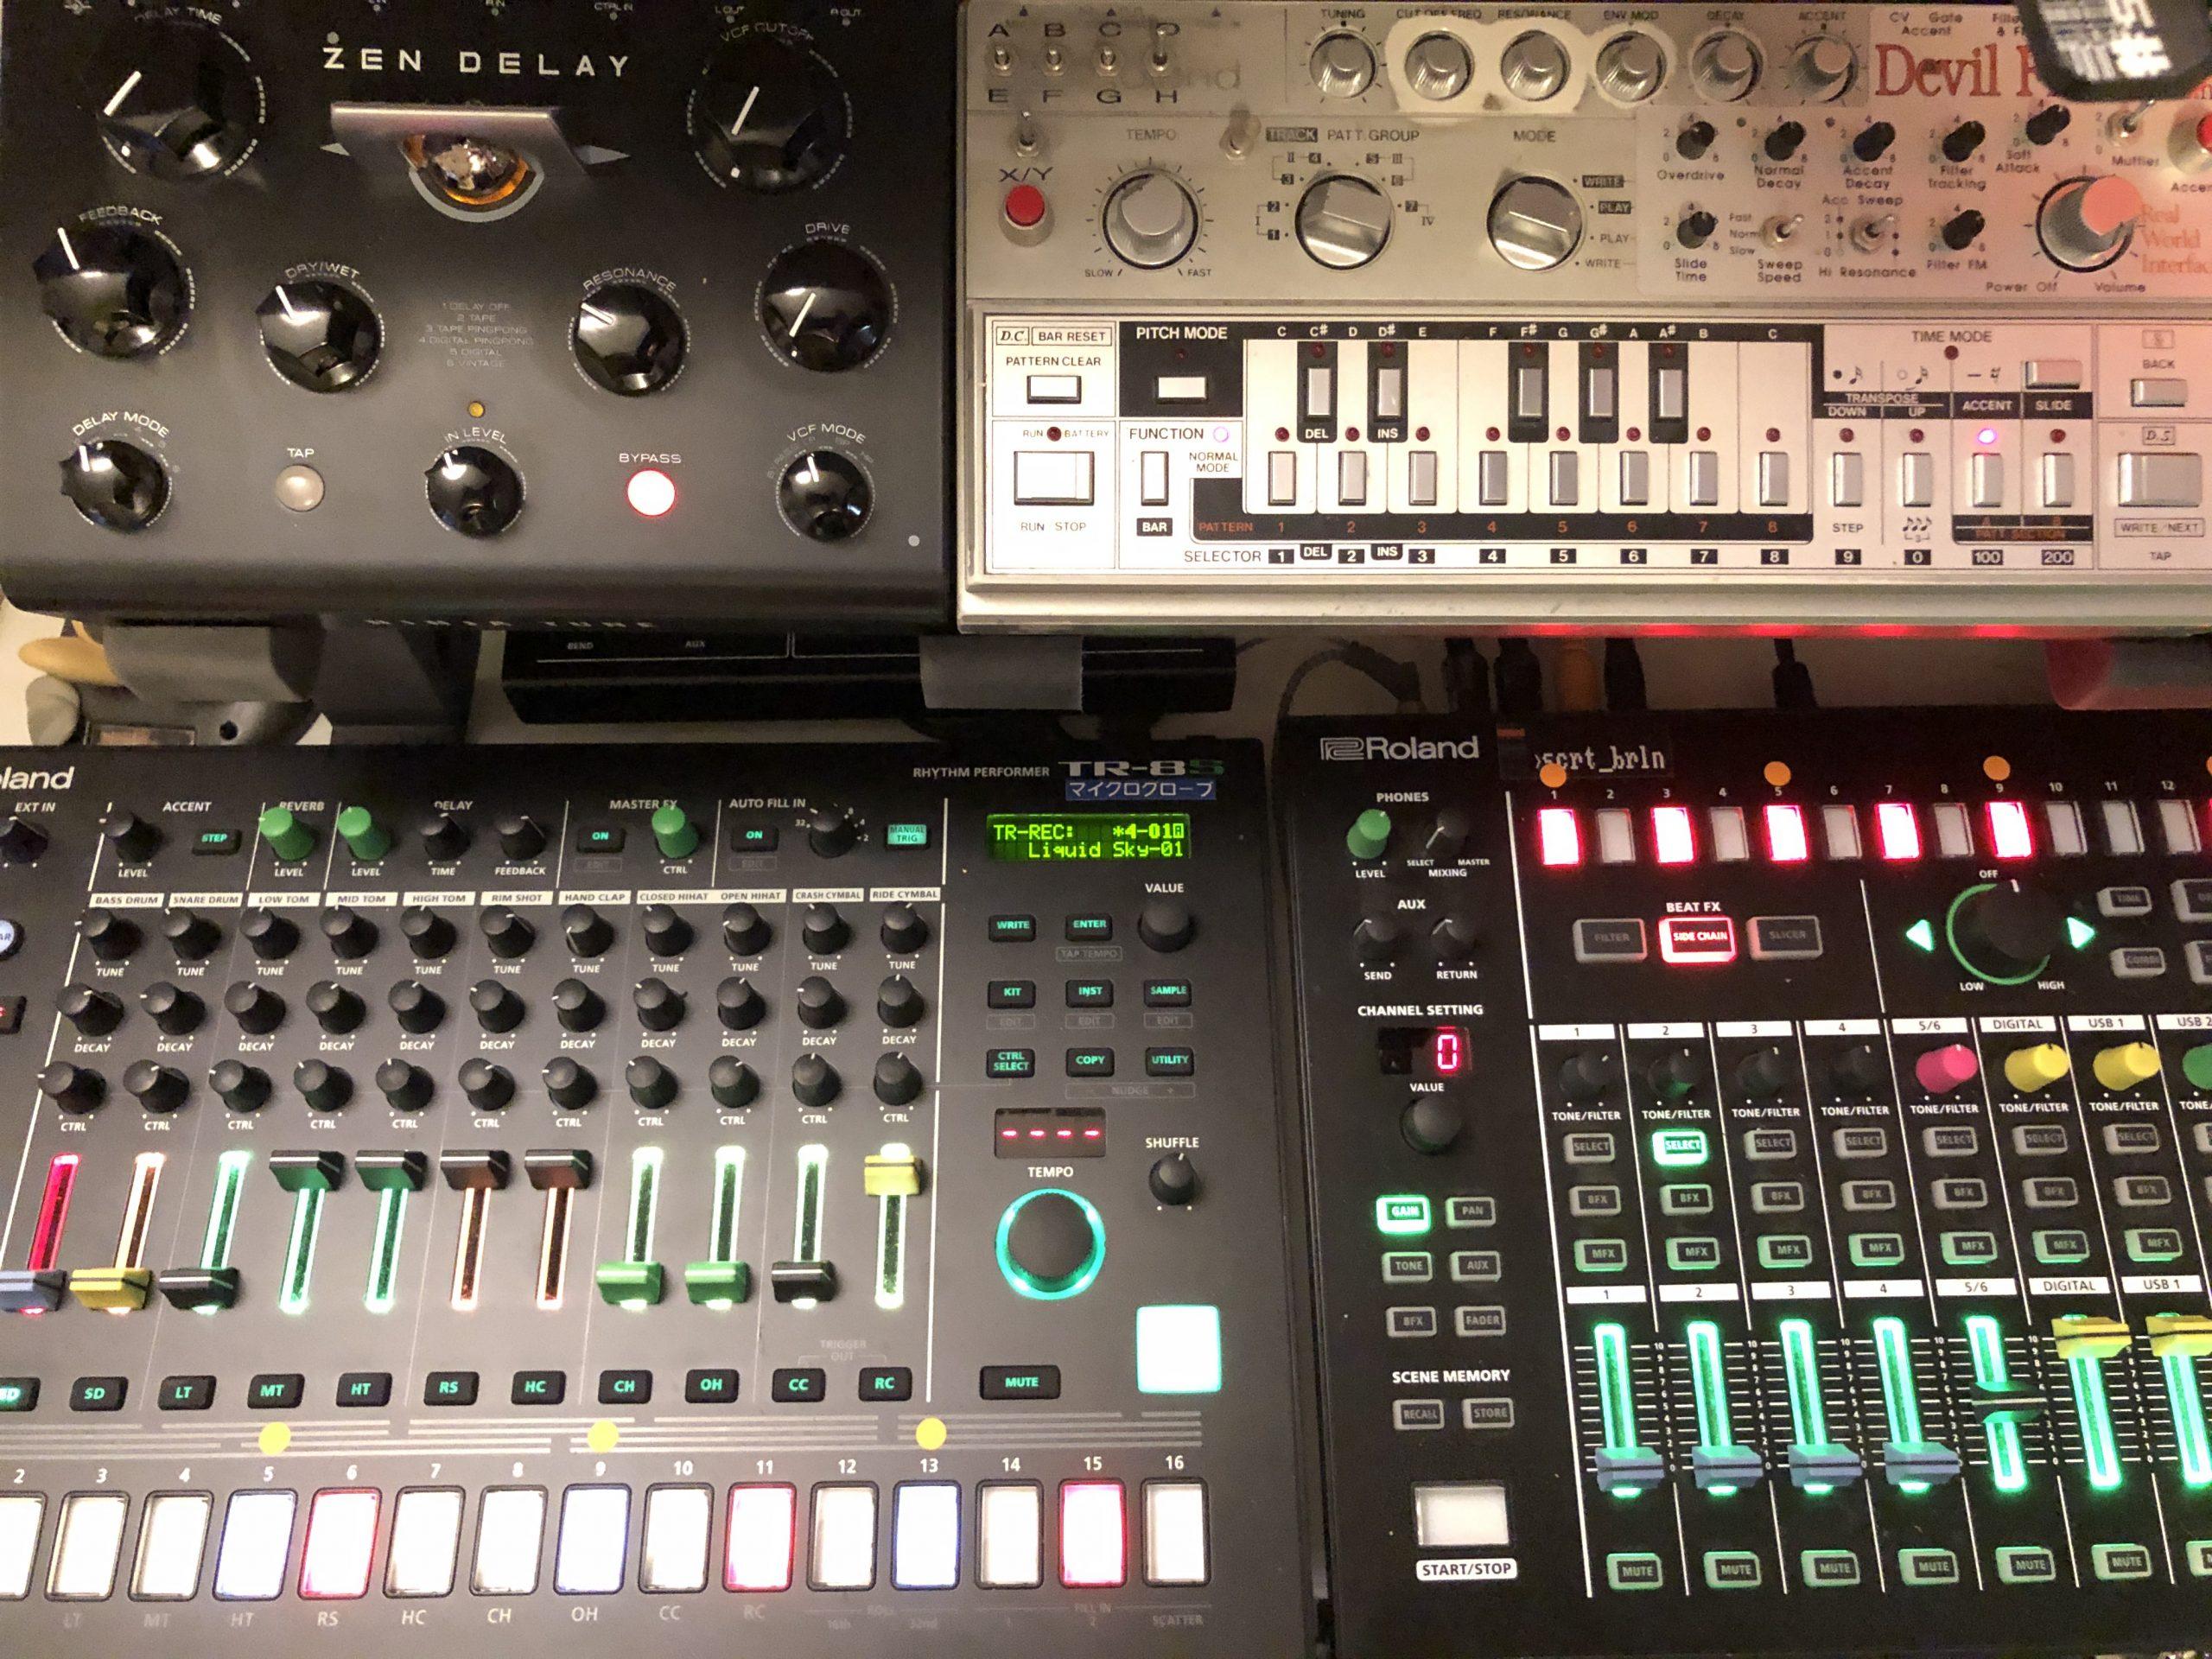 Zen Delay, Devilfish 303, Roland TR-8S, Roland MX-1